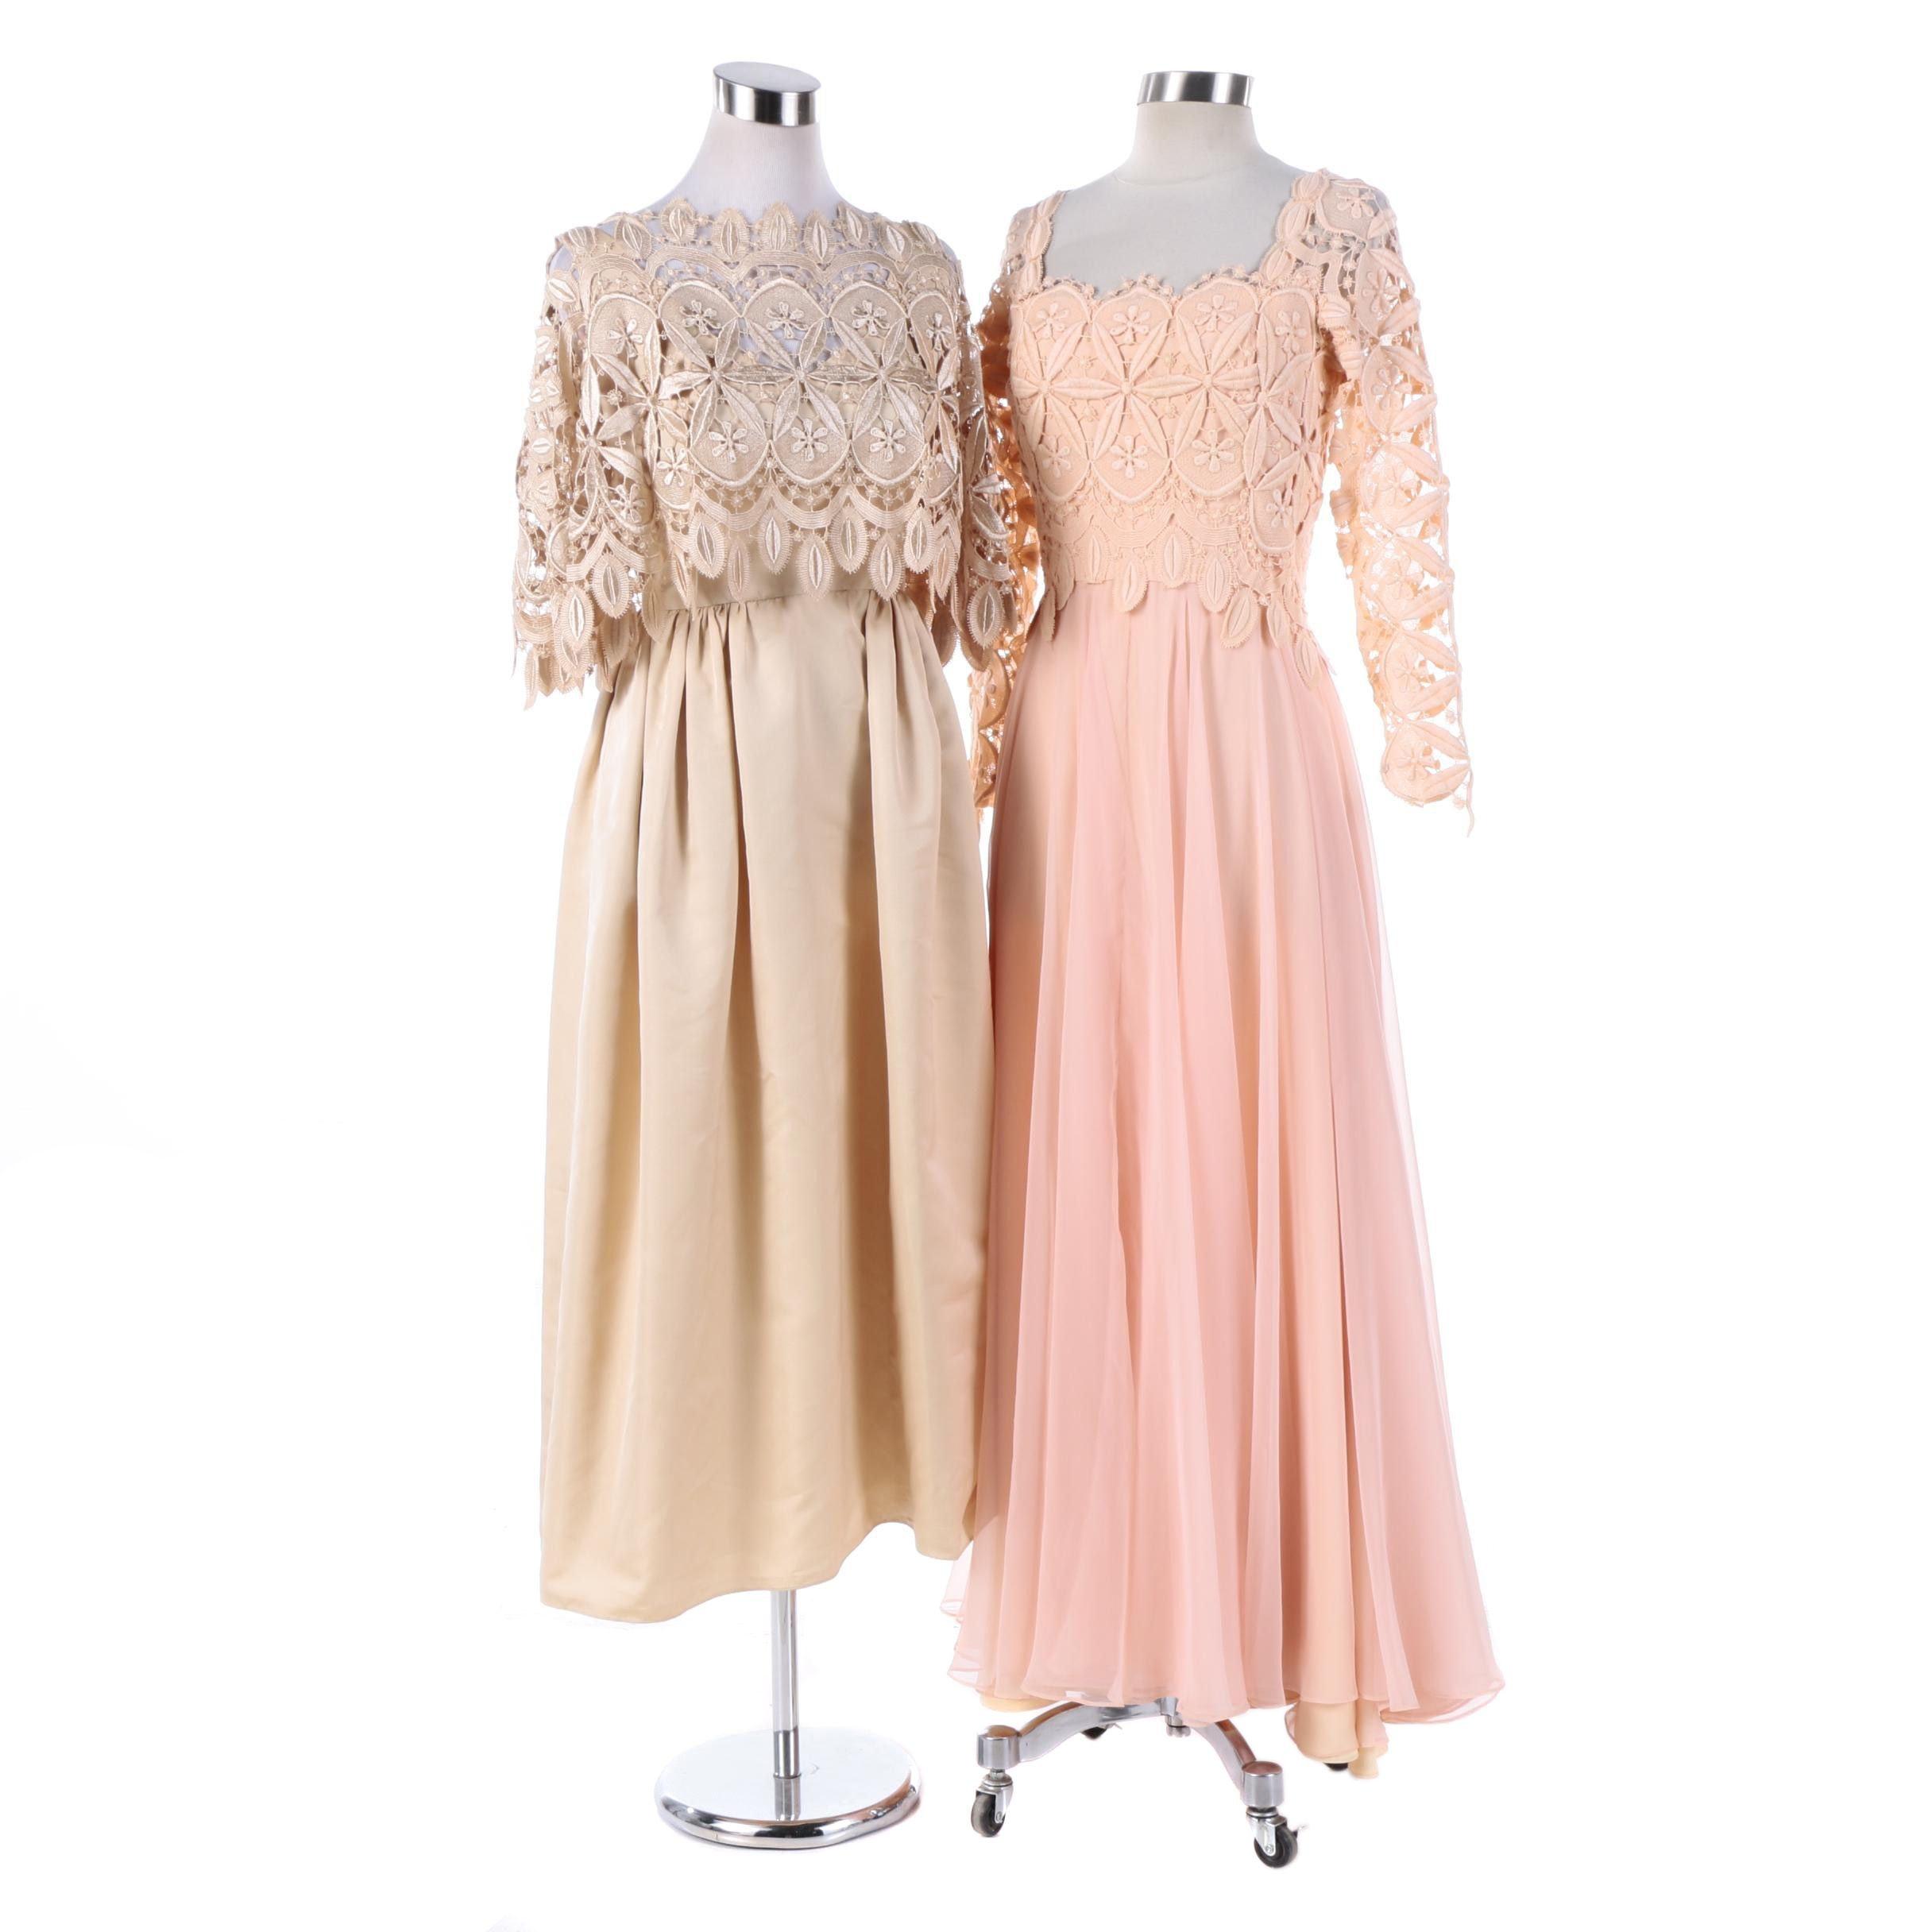 1960s Vintage Guipure Lace Evening Dresses